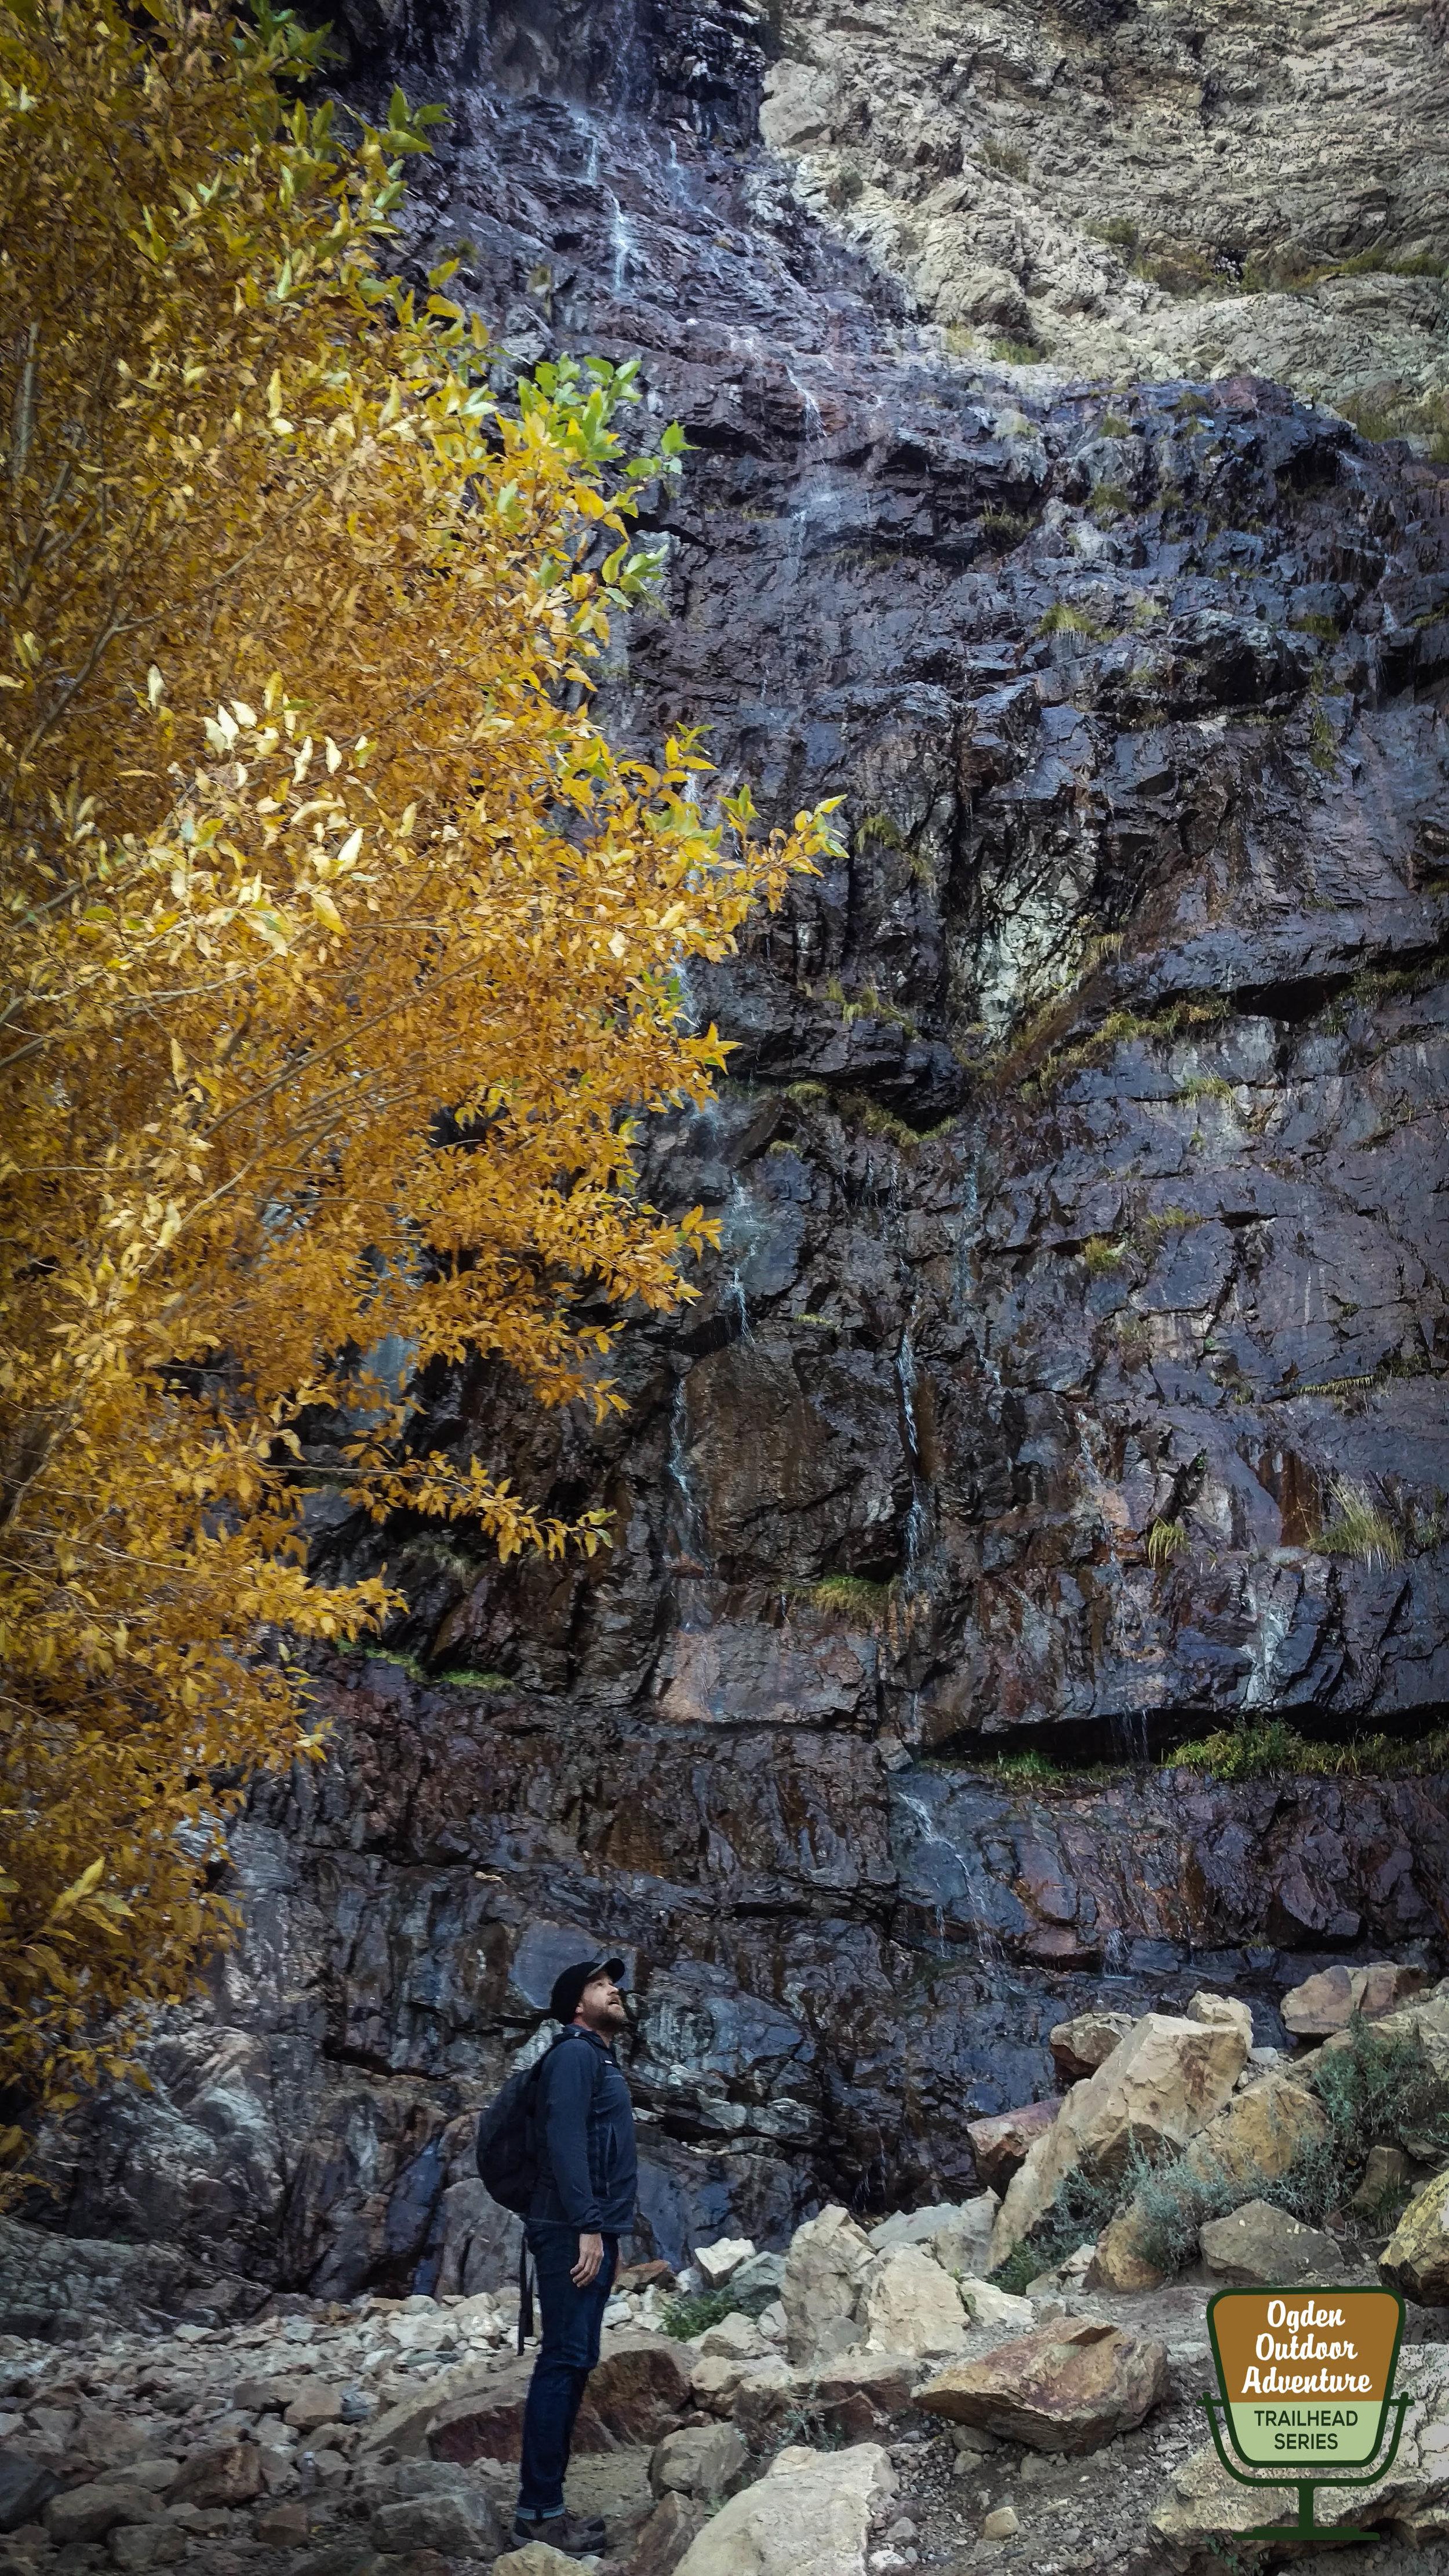 Ogden Outdoor Adventure Show 256 - Waterfall Canyon-4.jpg